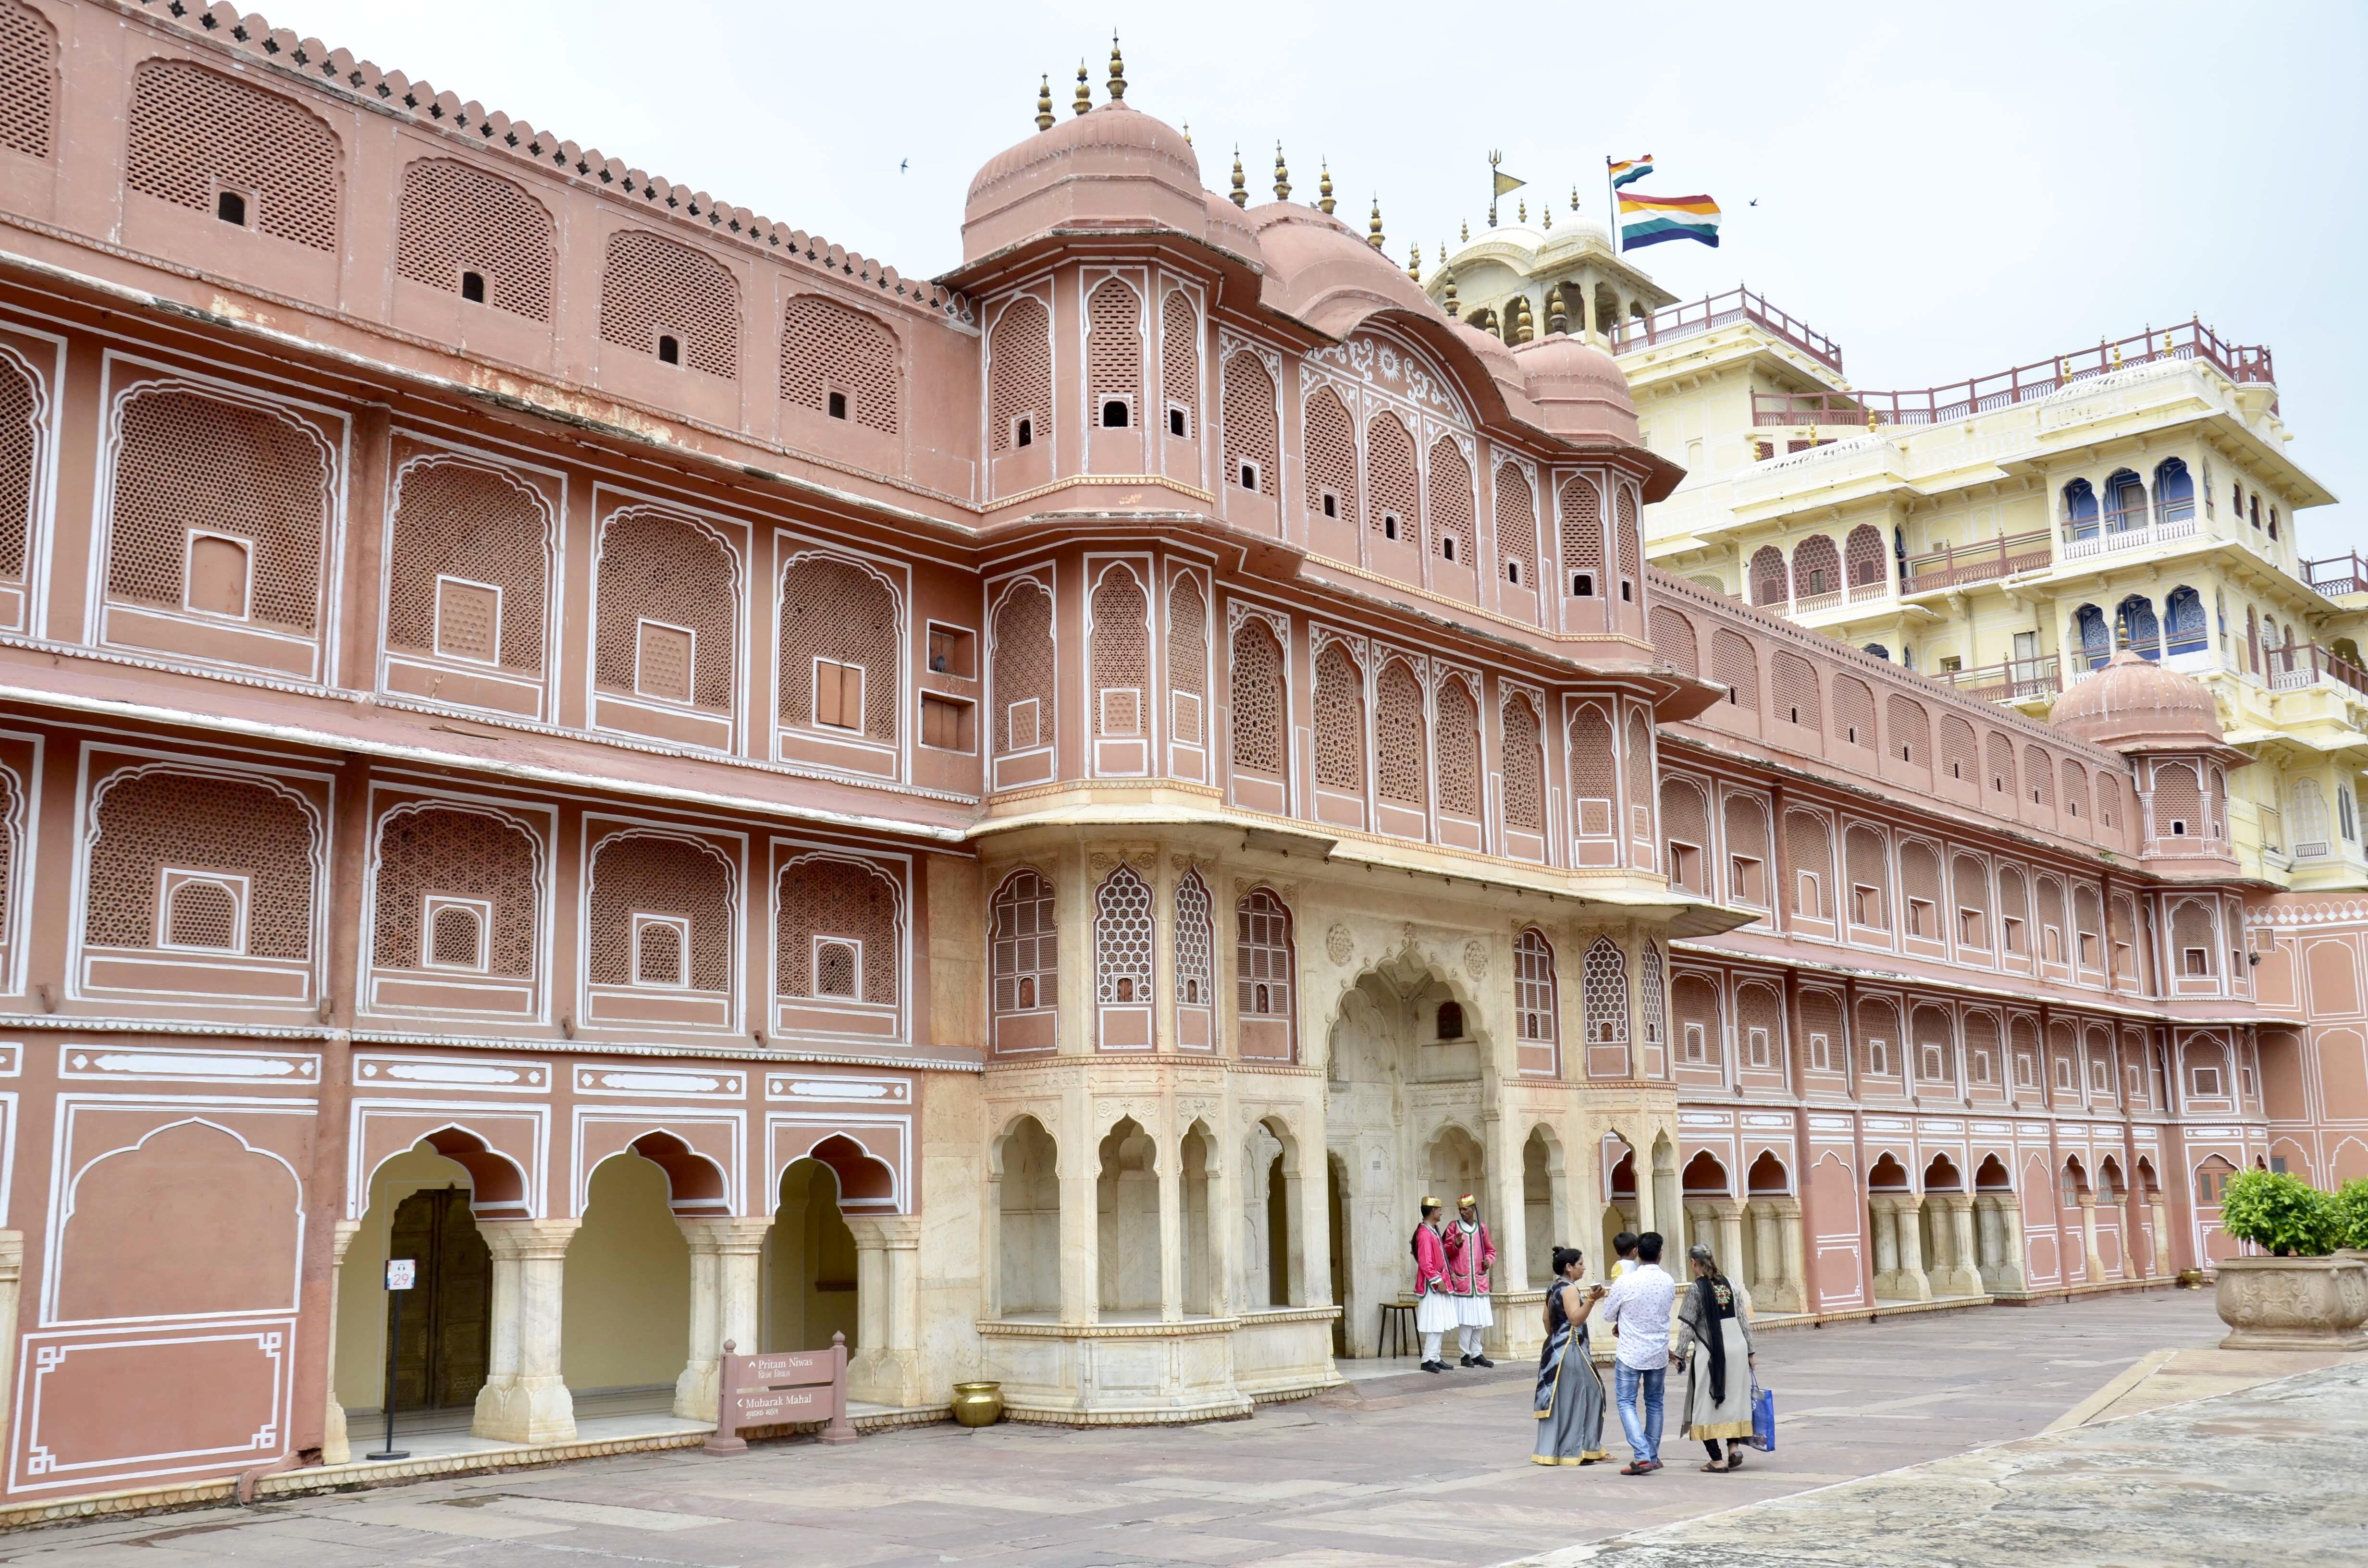 Palácio Real de Jaipur, Jaipur Royal City Palace